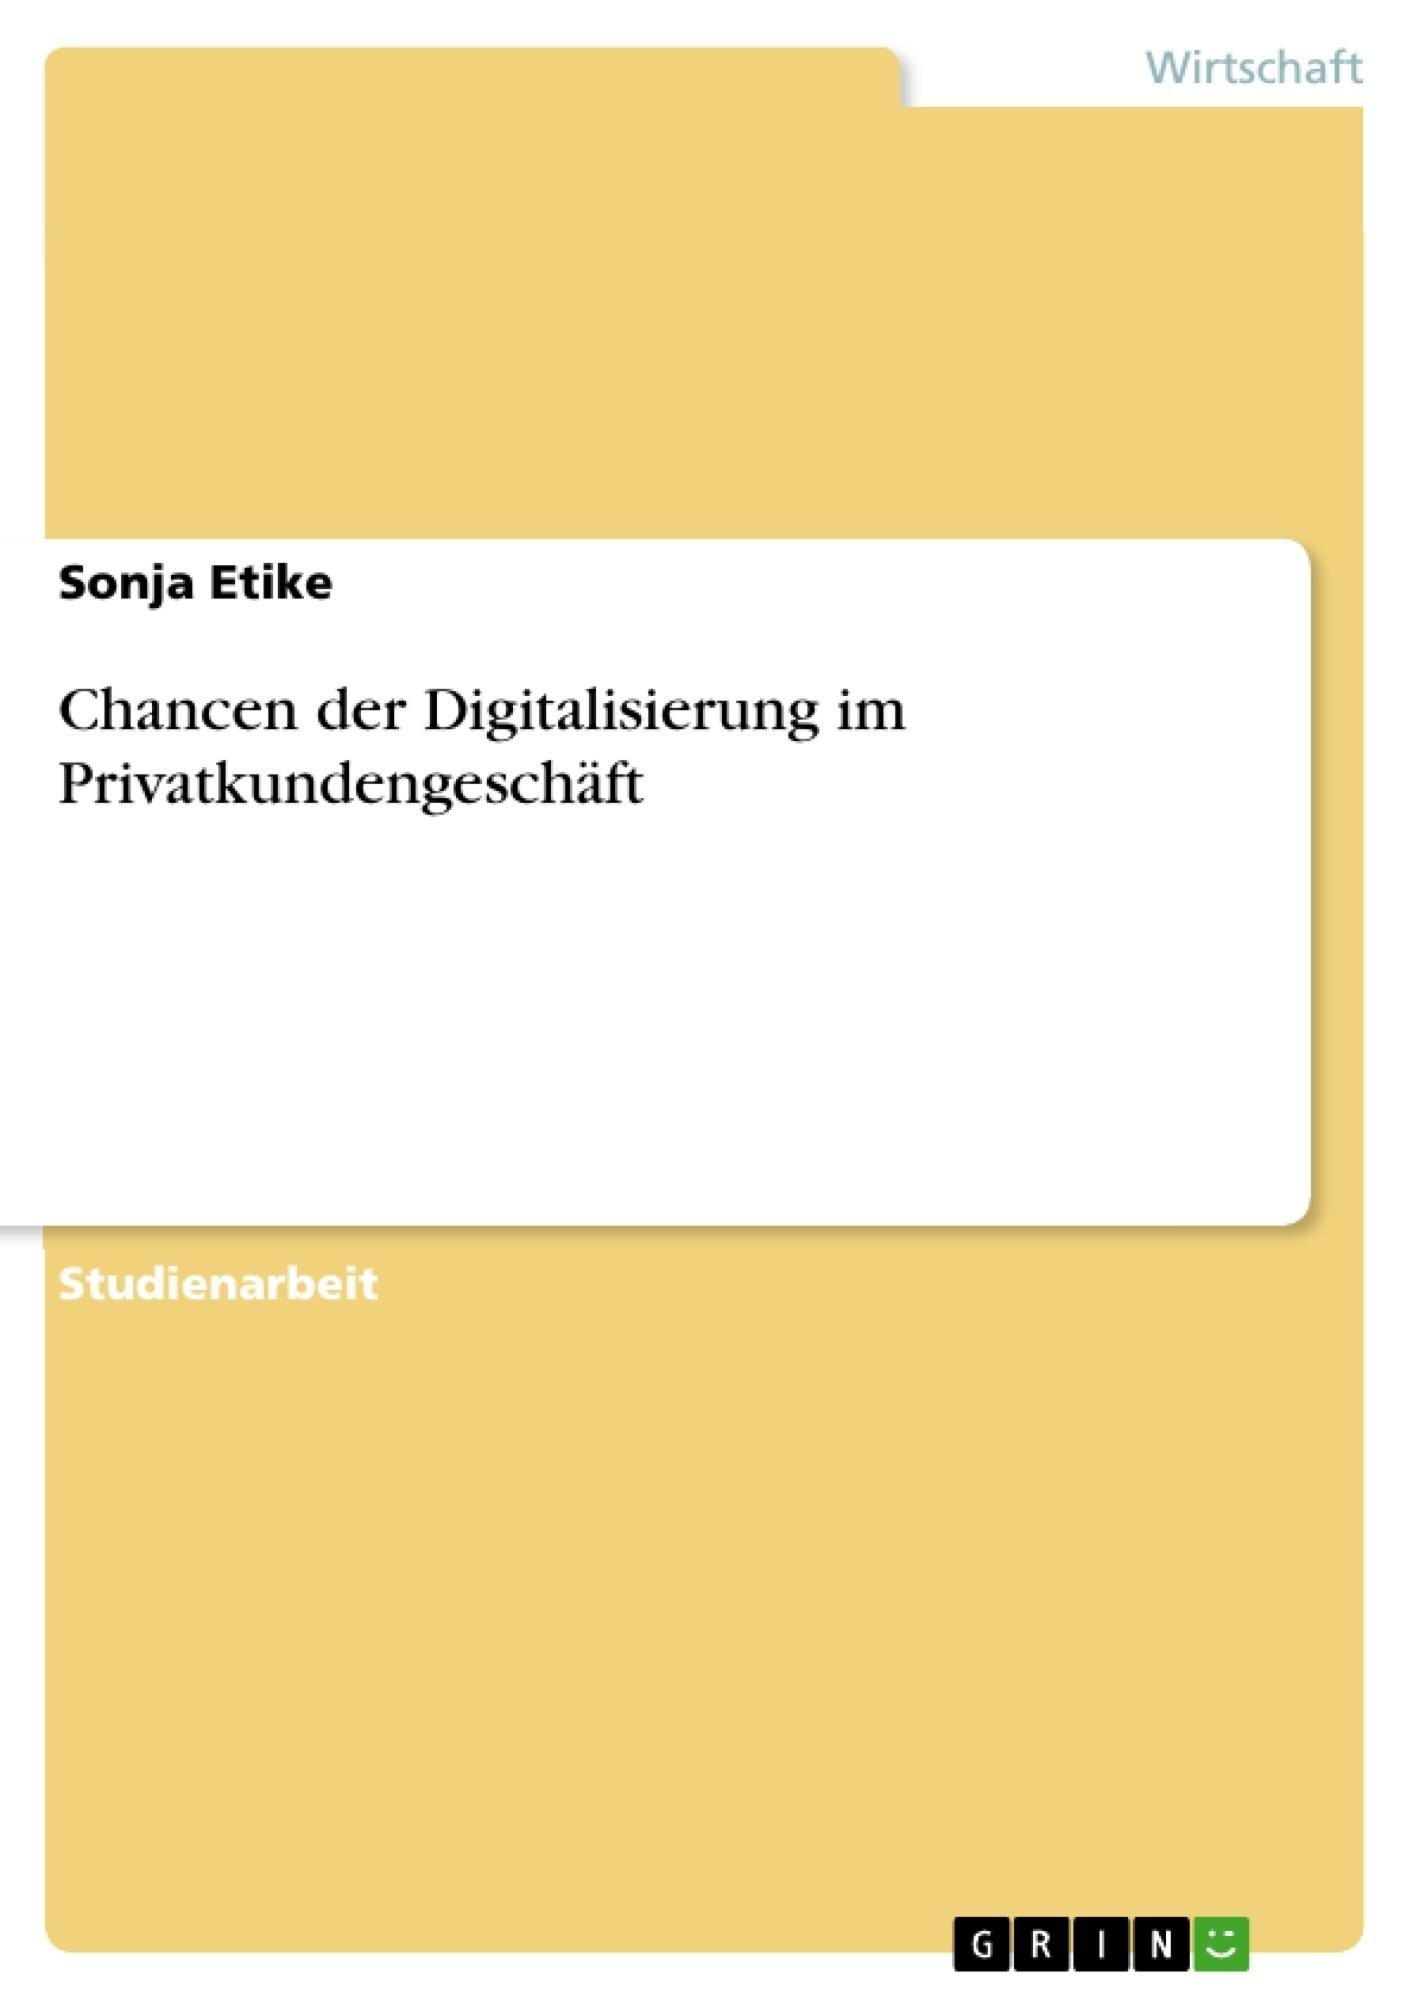 Titel: Chancen der Digitalisierung im Privatkundengeschäft